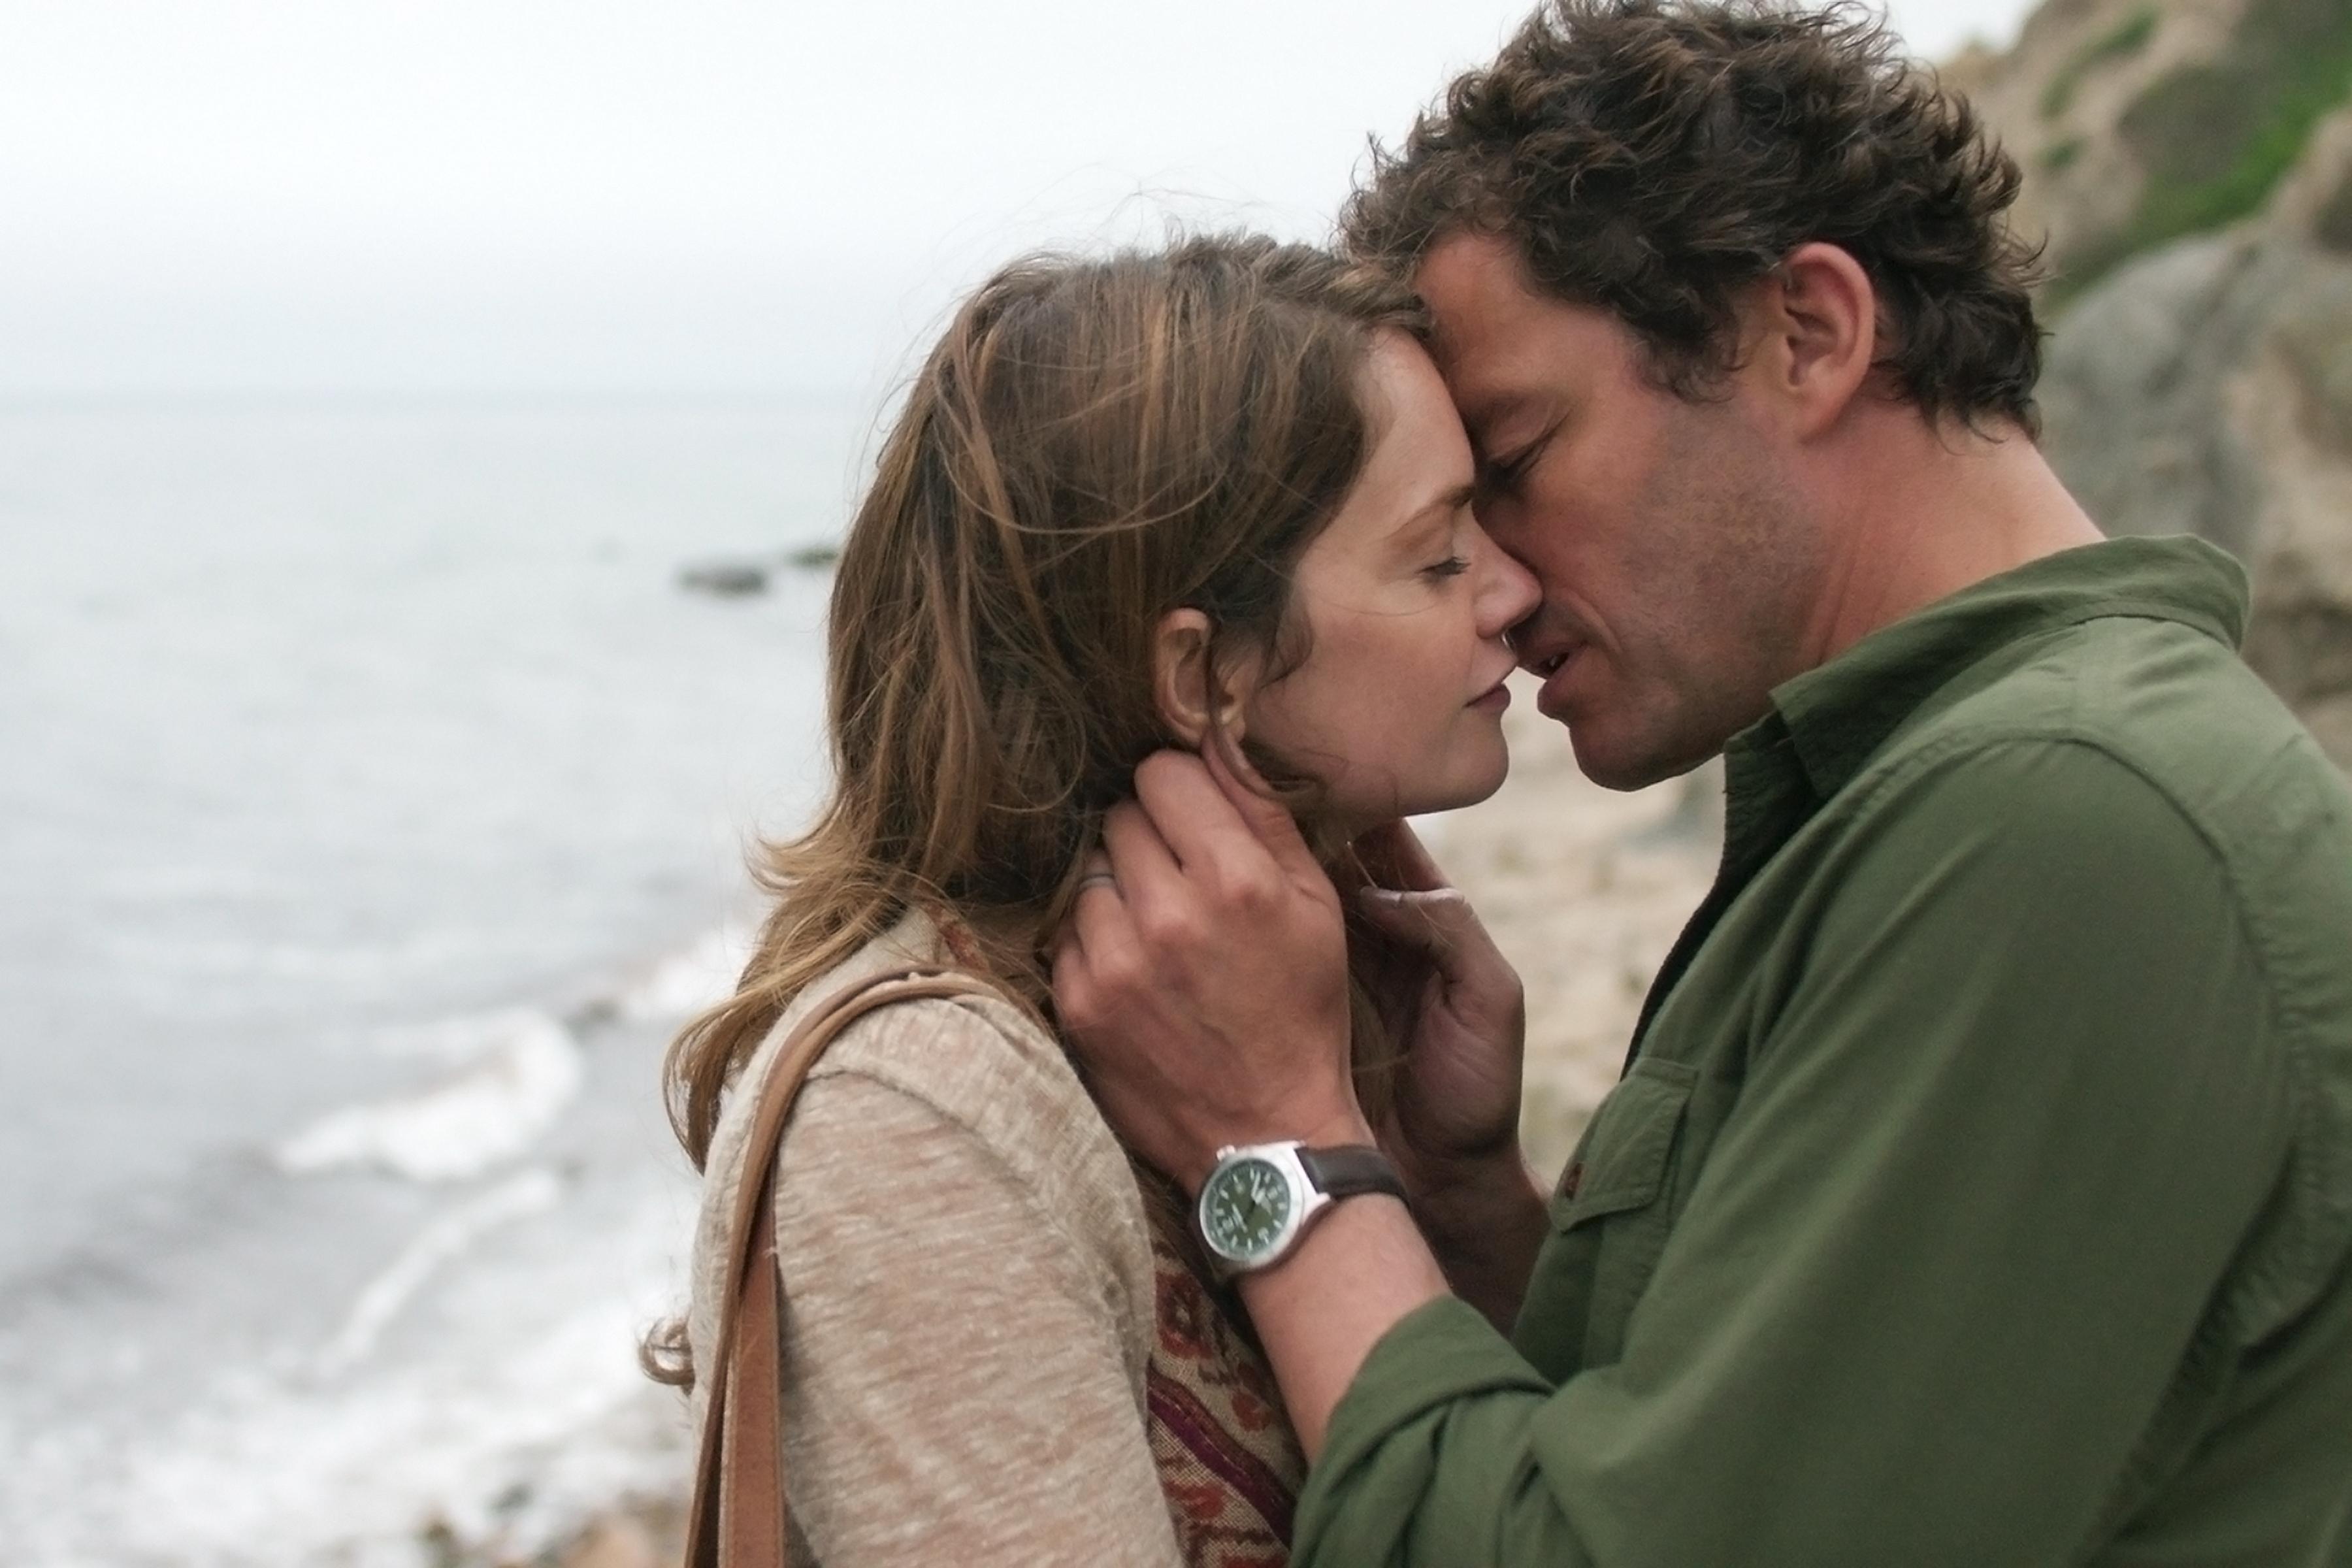 'The Affair': A Very Bad Romance